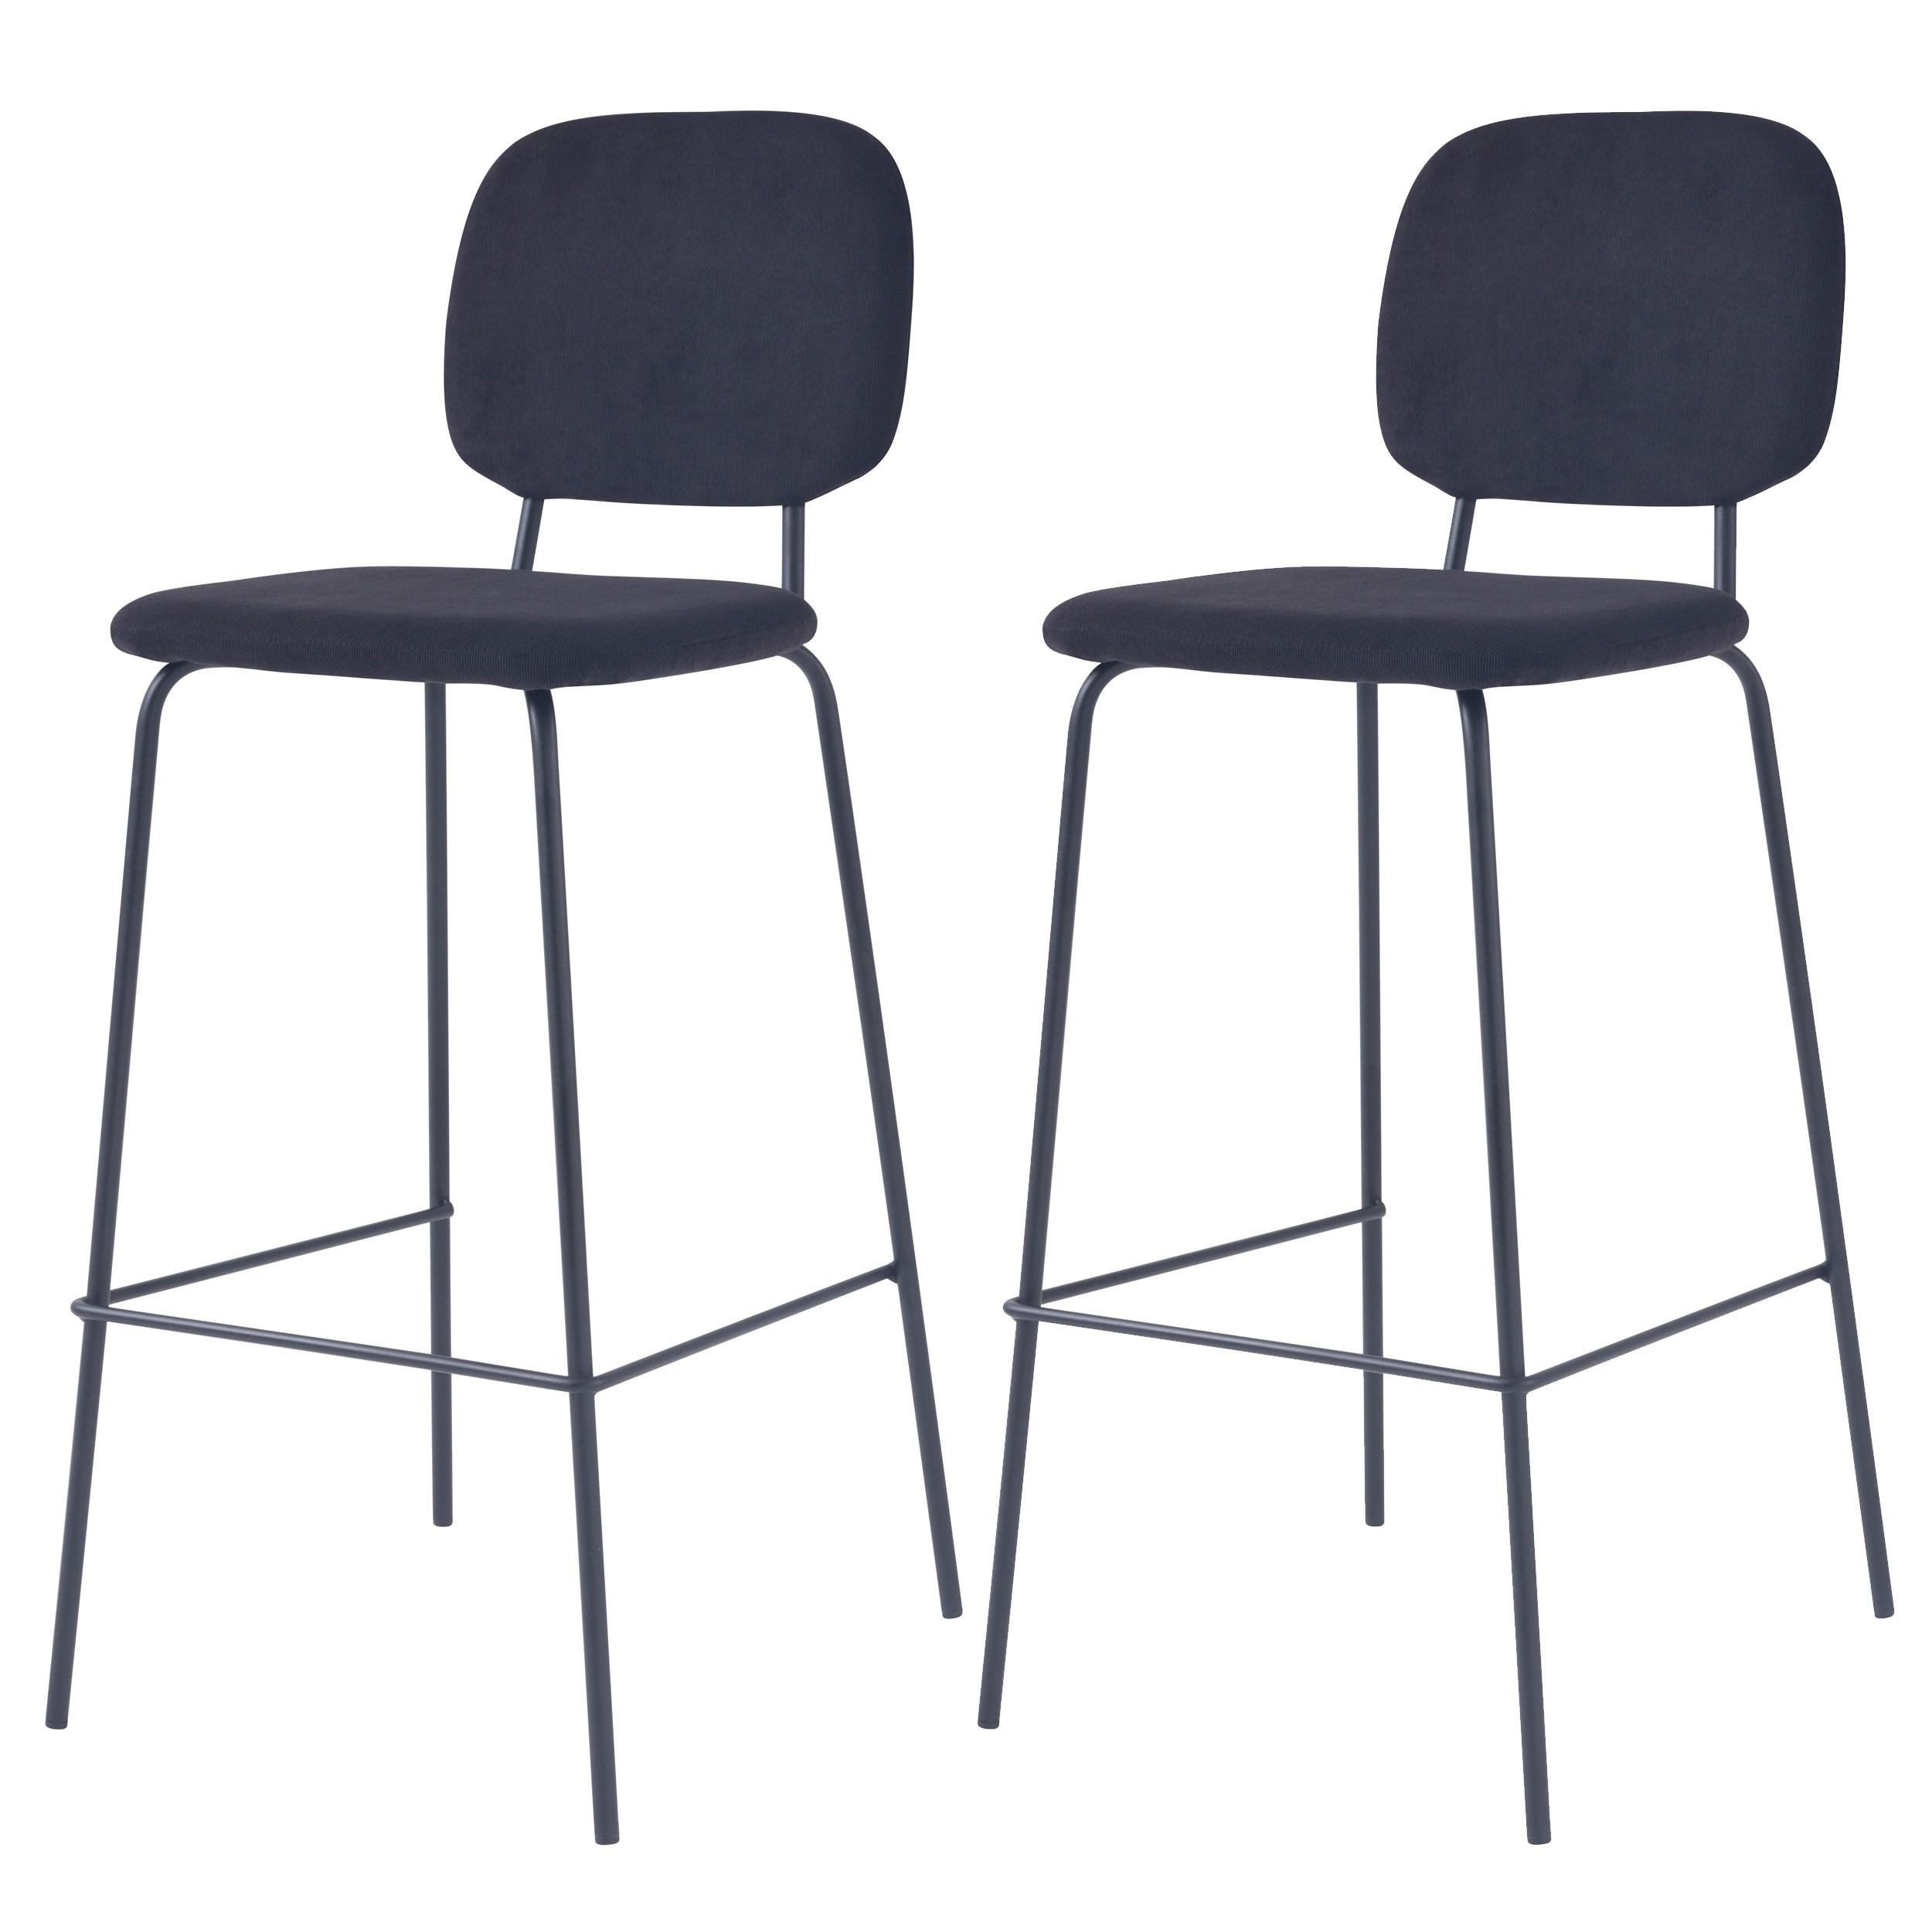 acheter chaise de bar noires en velours cotele